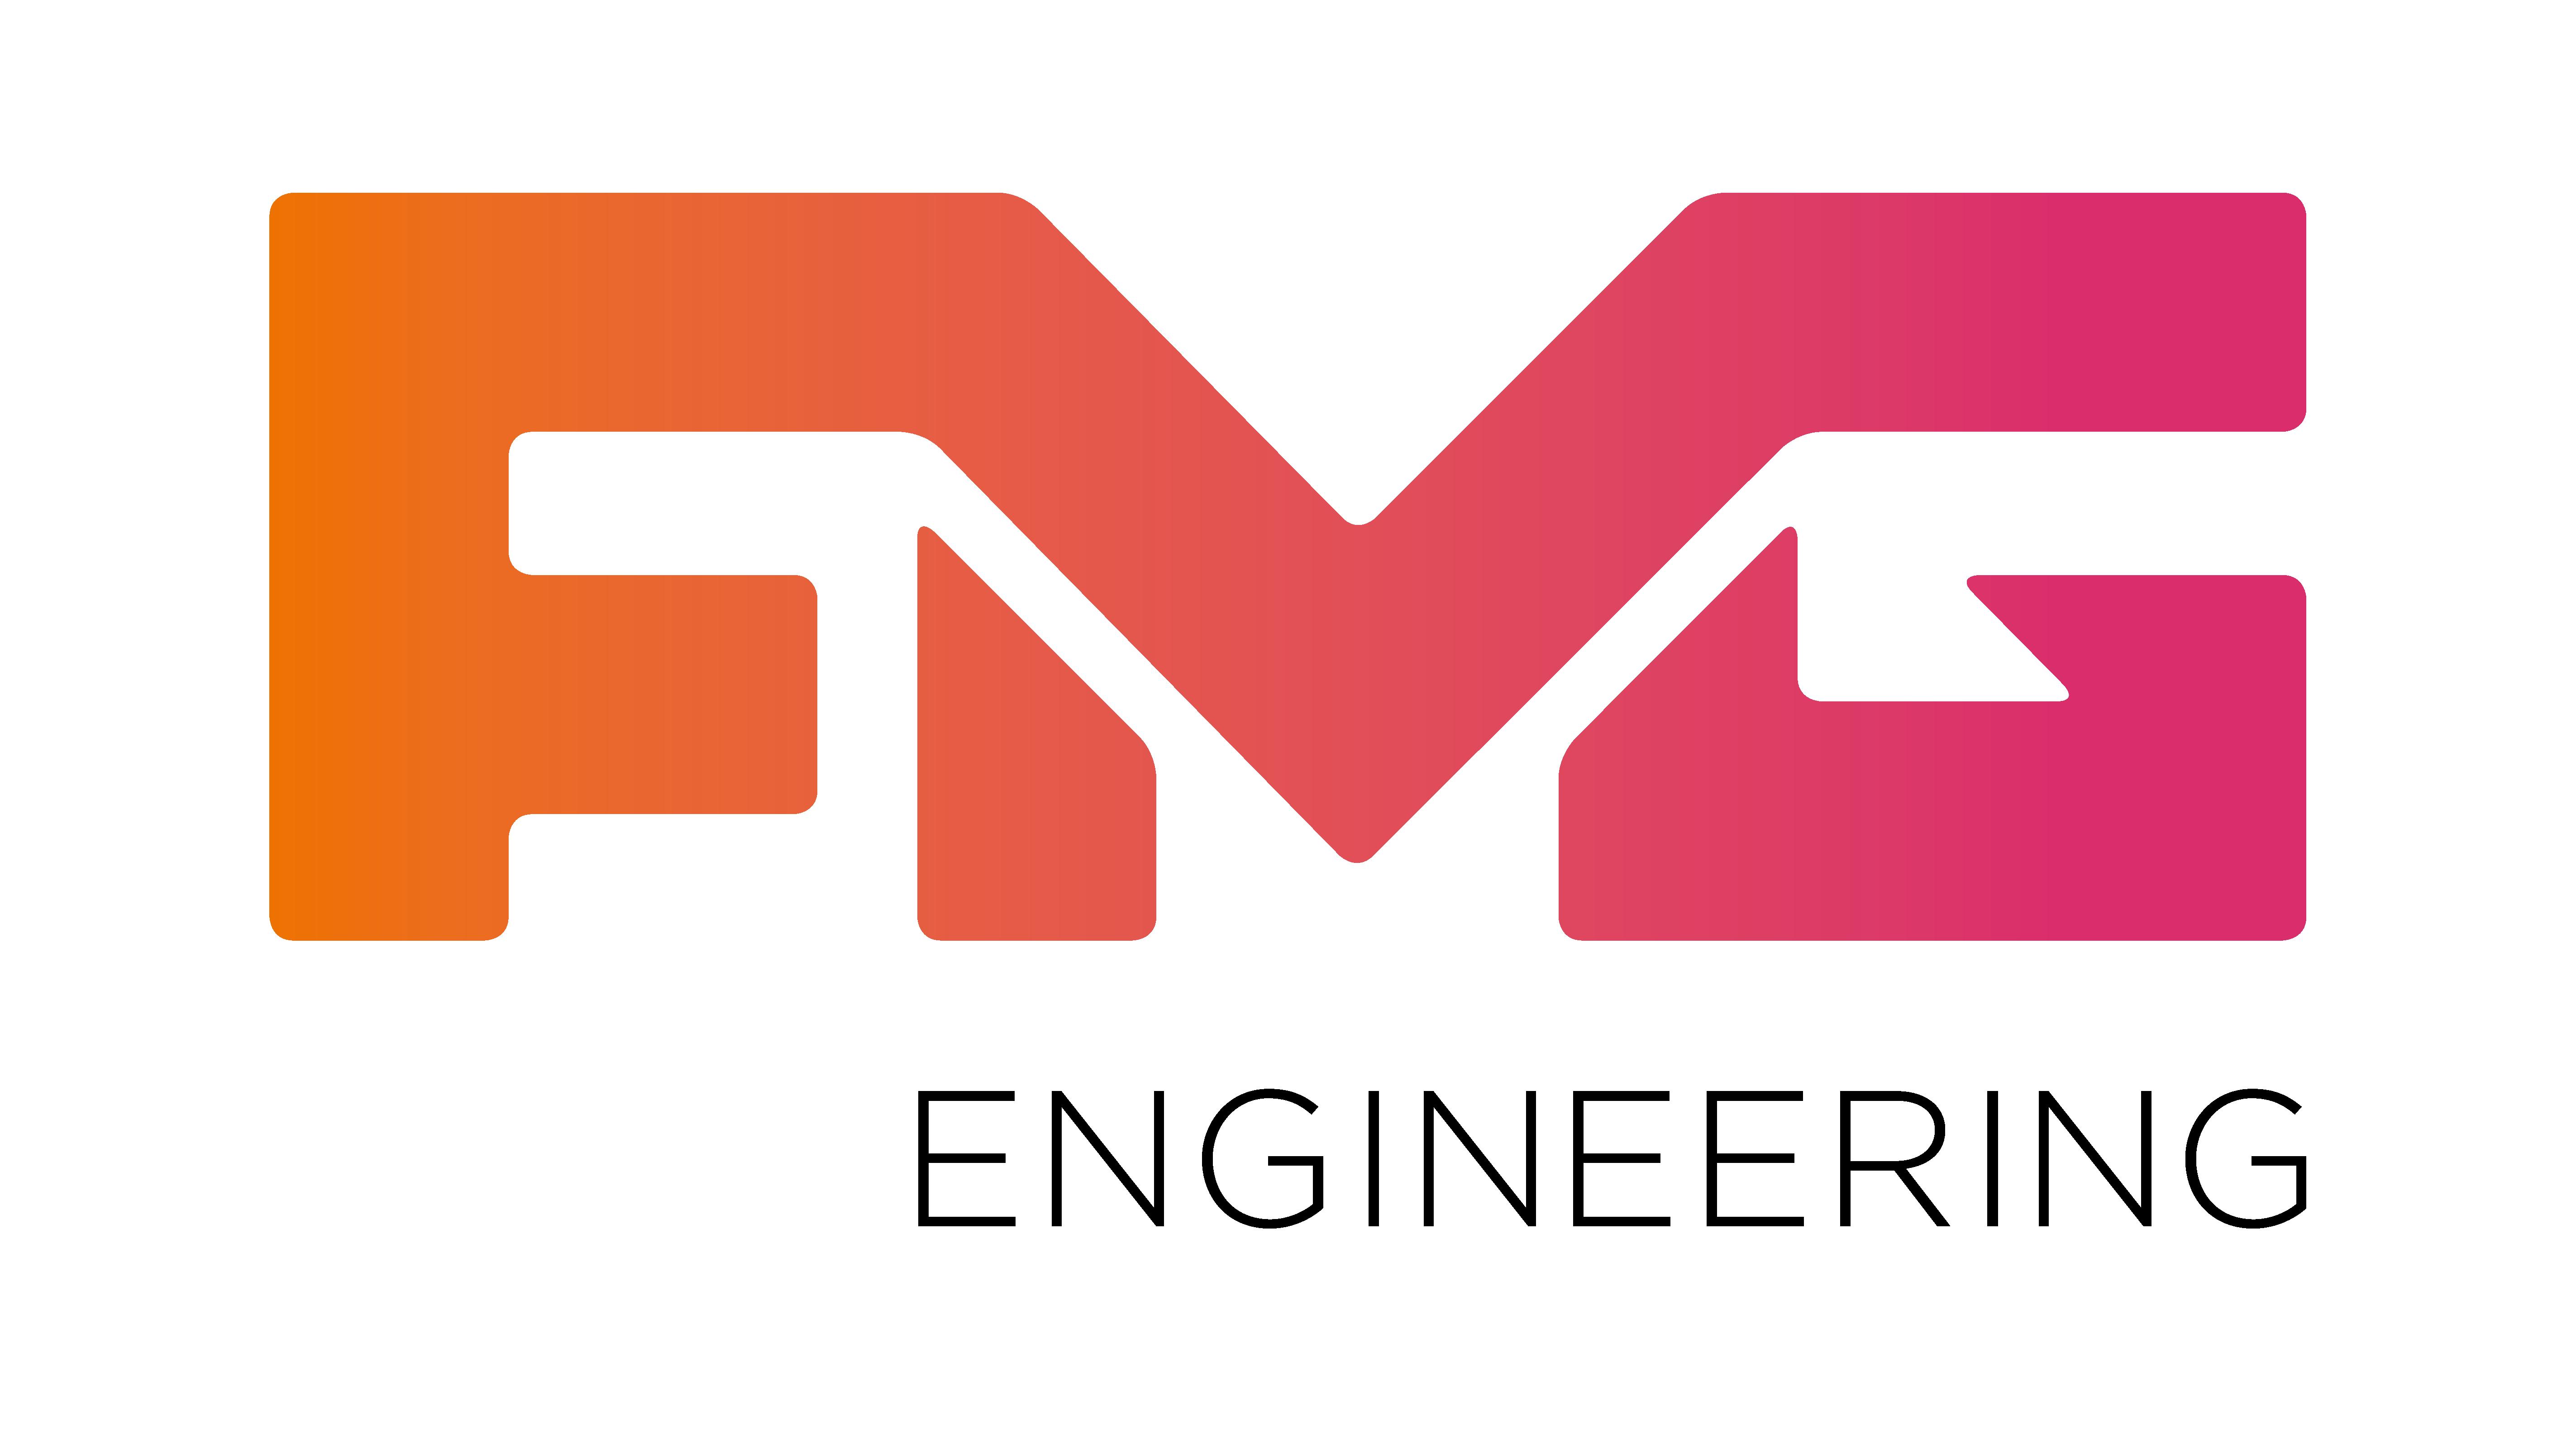 FMG Engineering